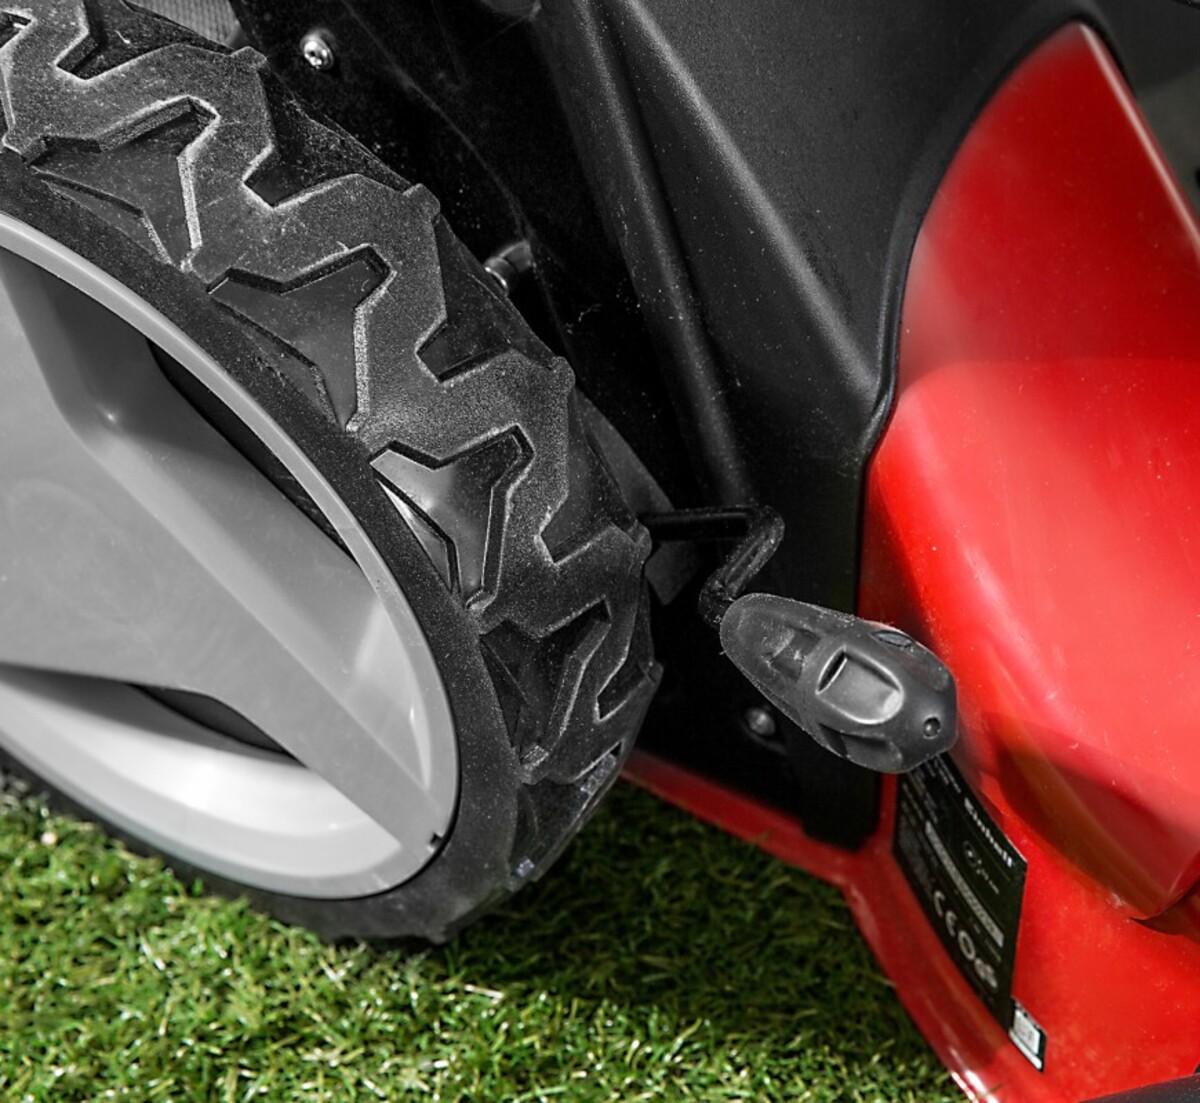 Bild 4 von Einhell Benzin-Rasenmäher 7 in 1 - GC-PM 56/3 S HW